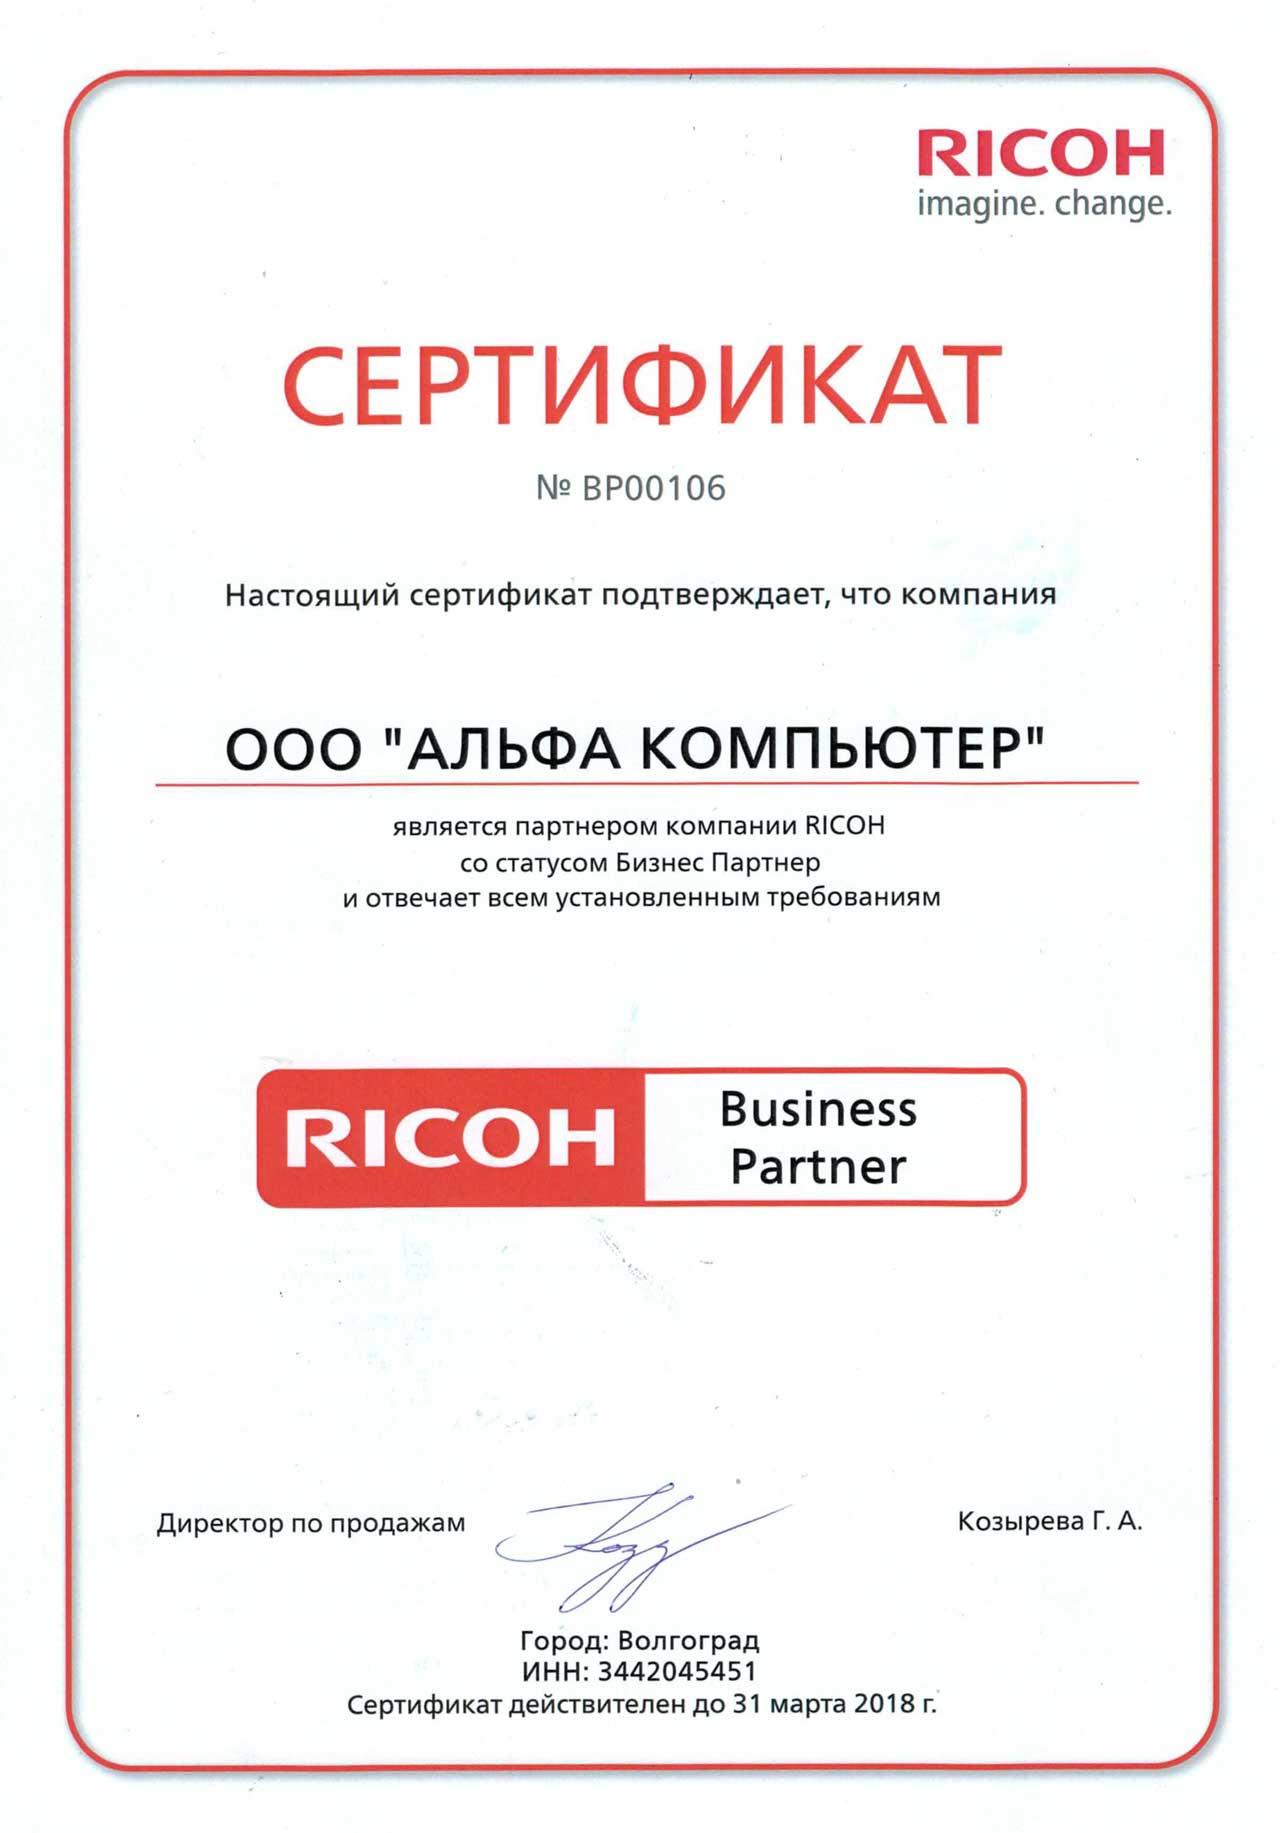 Сертификат бизнес партнера Ricoh